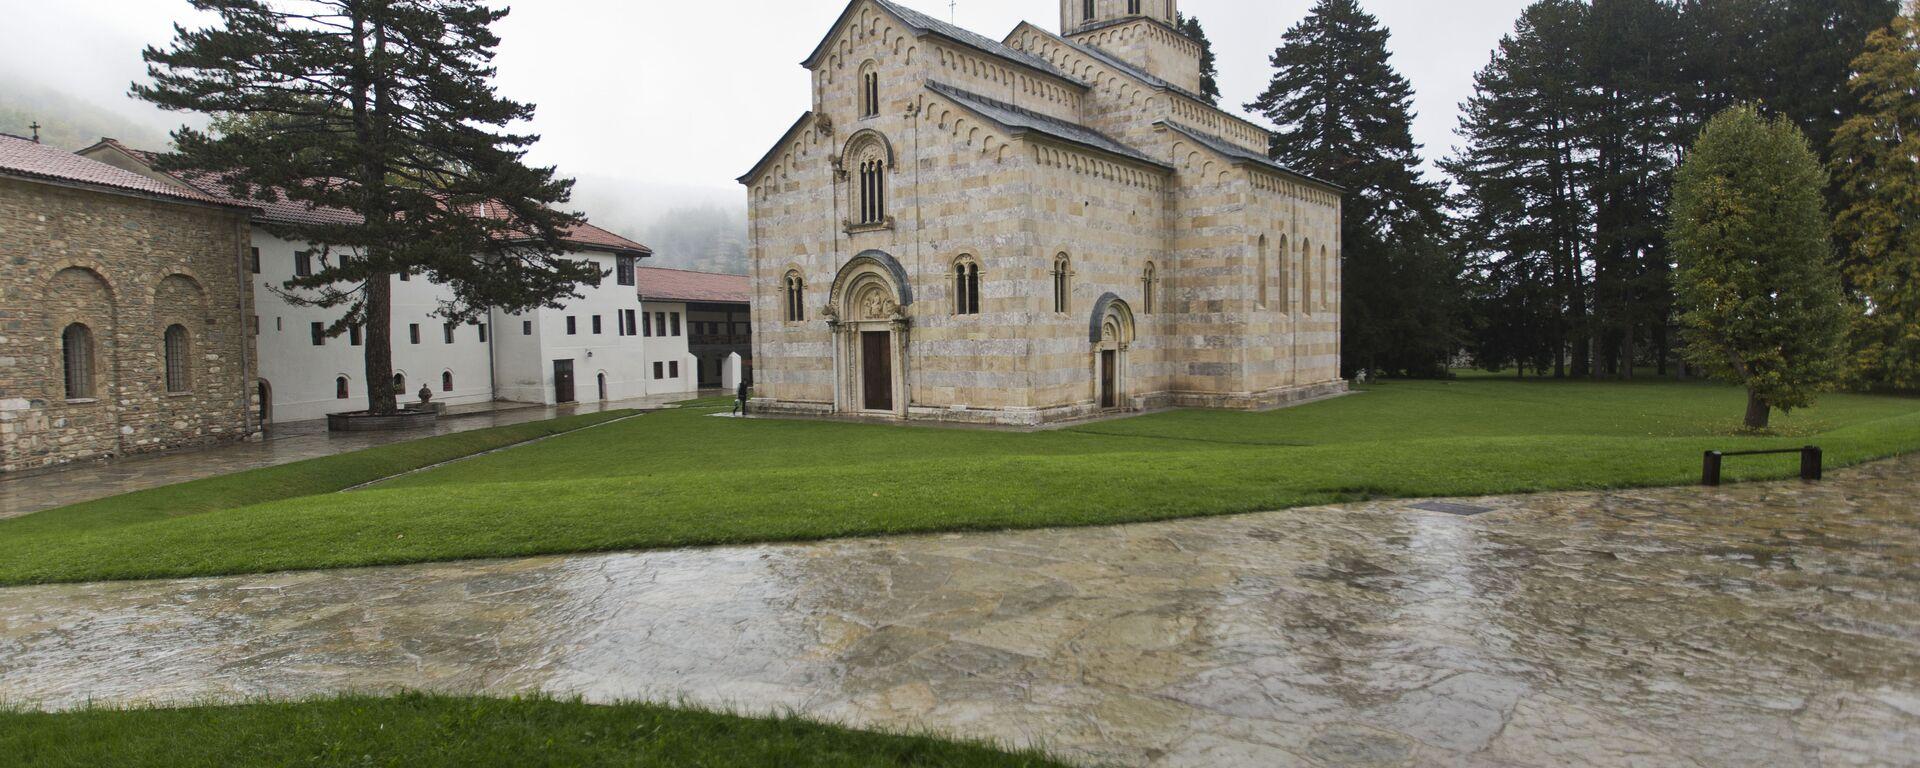 Manastir Dečani na KiM - Sputnik Srbija, 1920, 22.05.2021